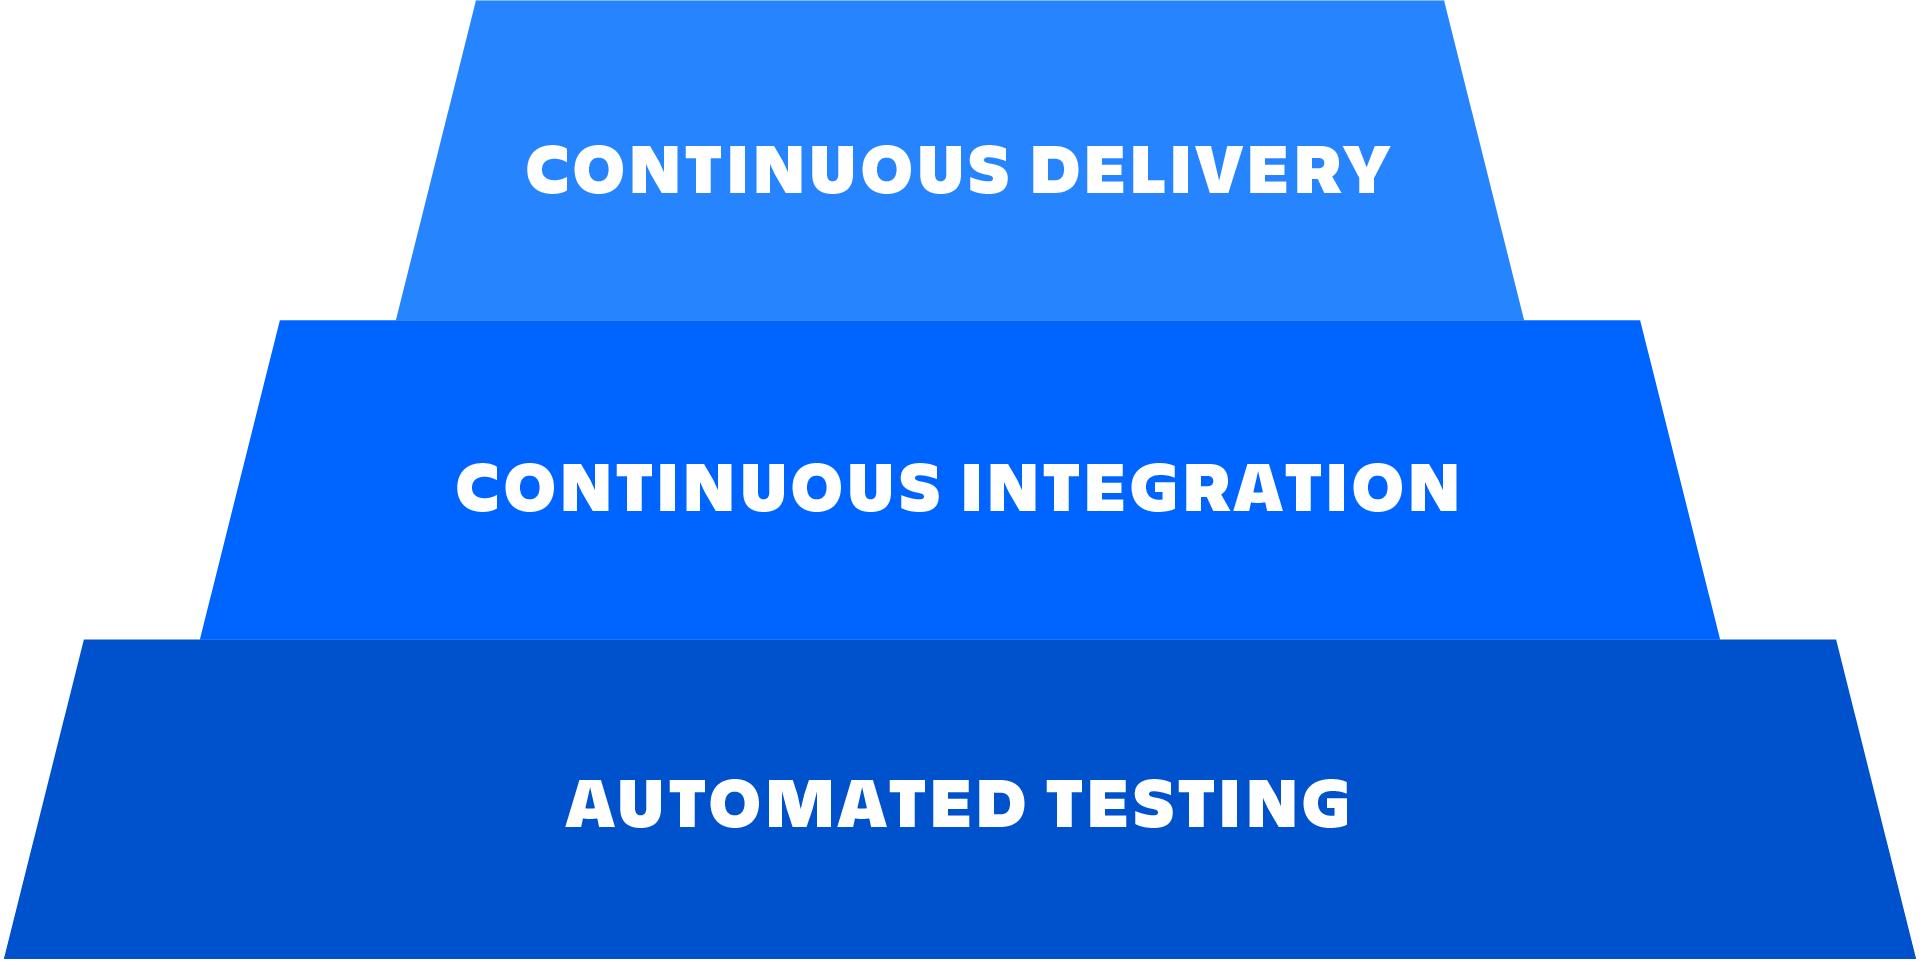 Um diagrama que descreve a relação entre testes automatizados, integração contínua e entrega contínua.